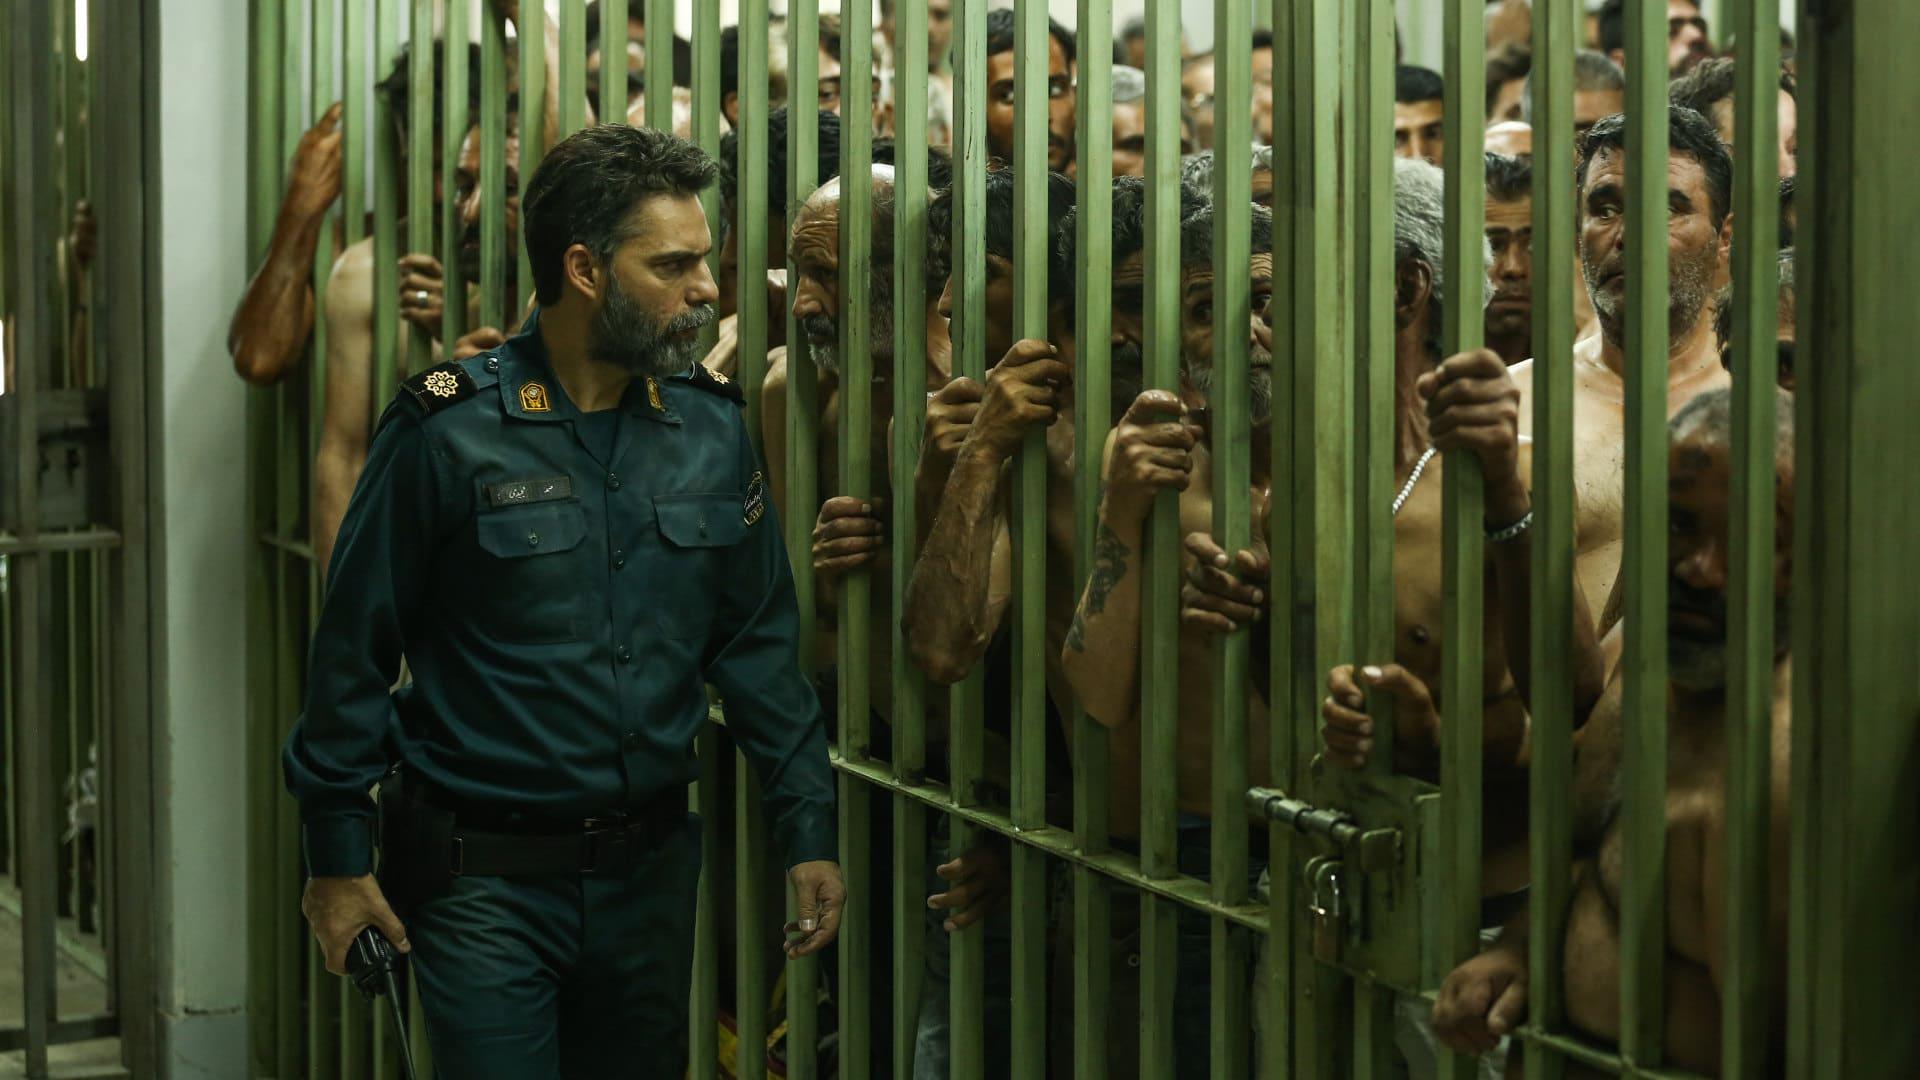 Samad (Payman Maadi) passe devant les prisonniers dans La Loi de Téhéran